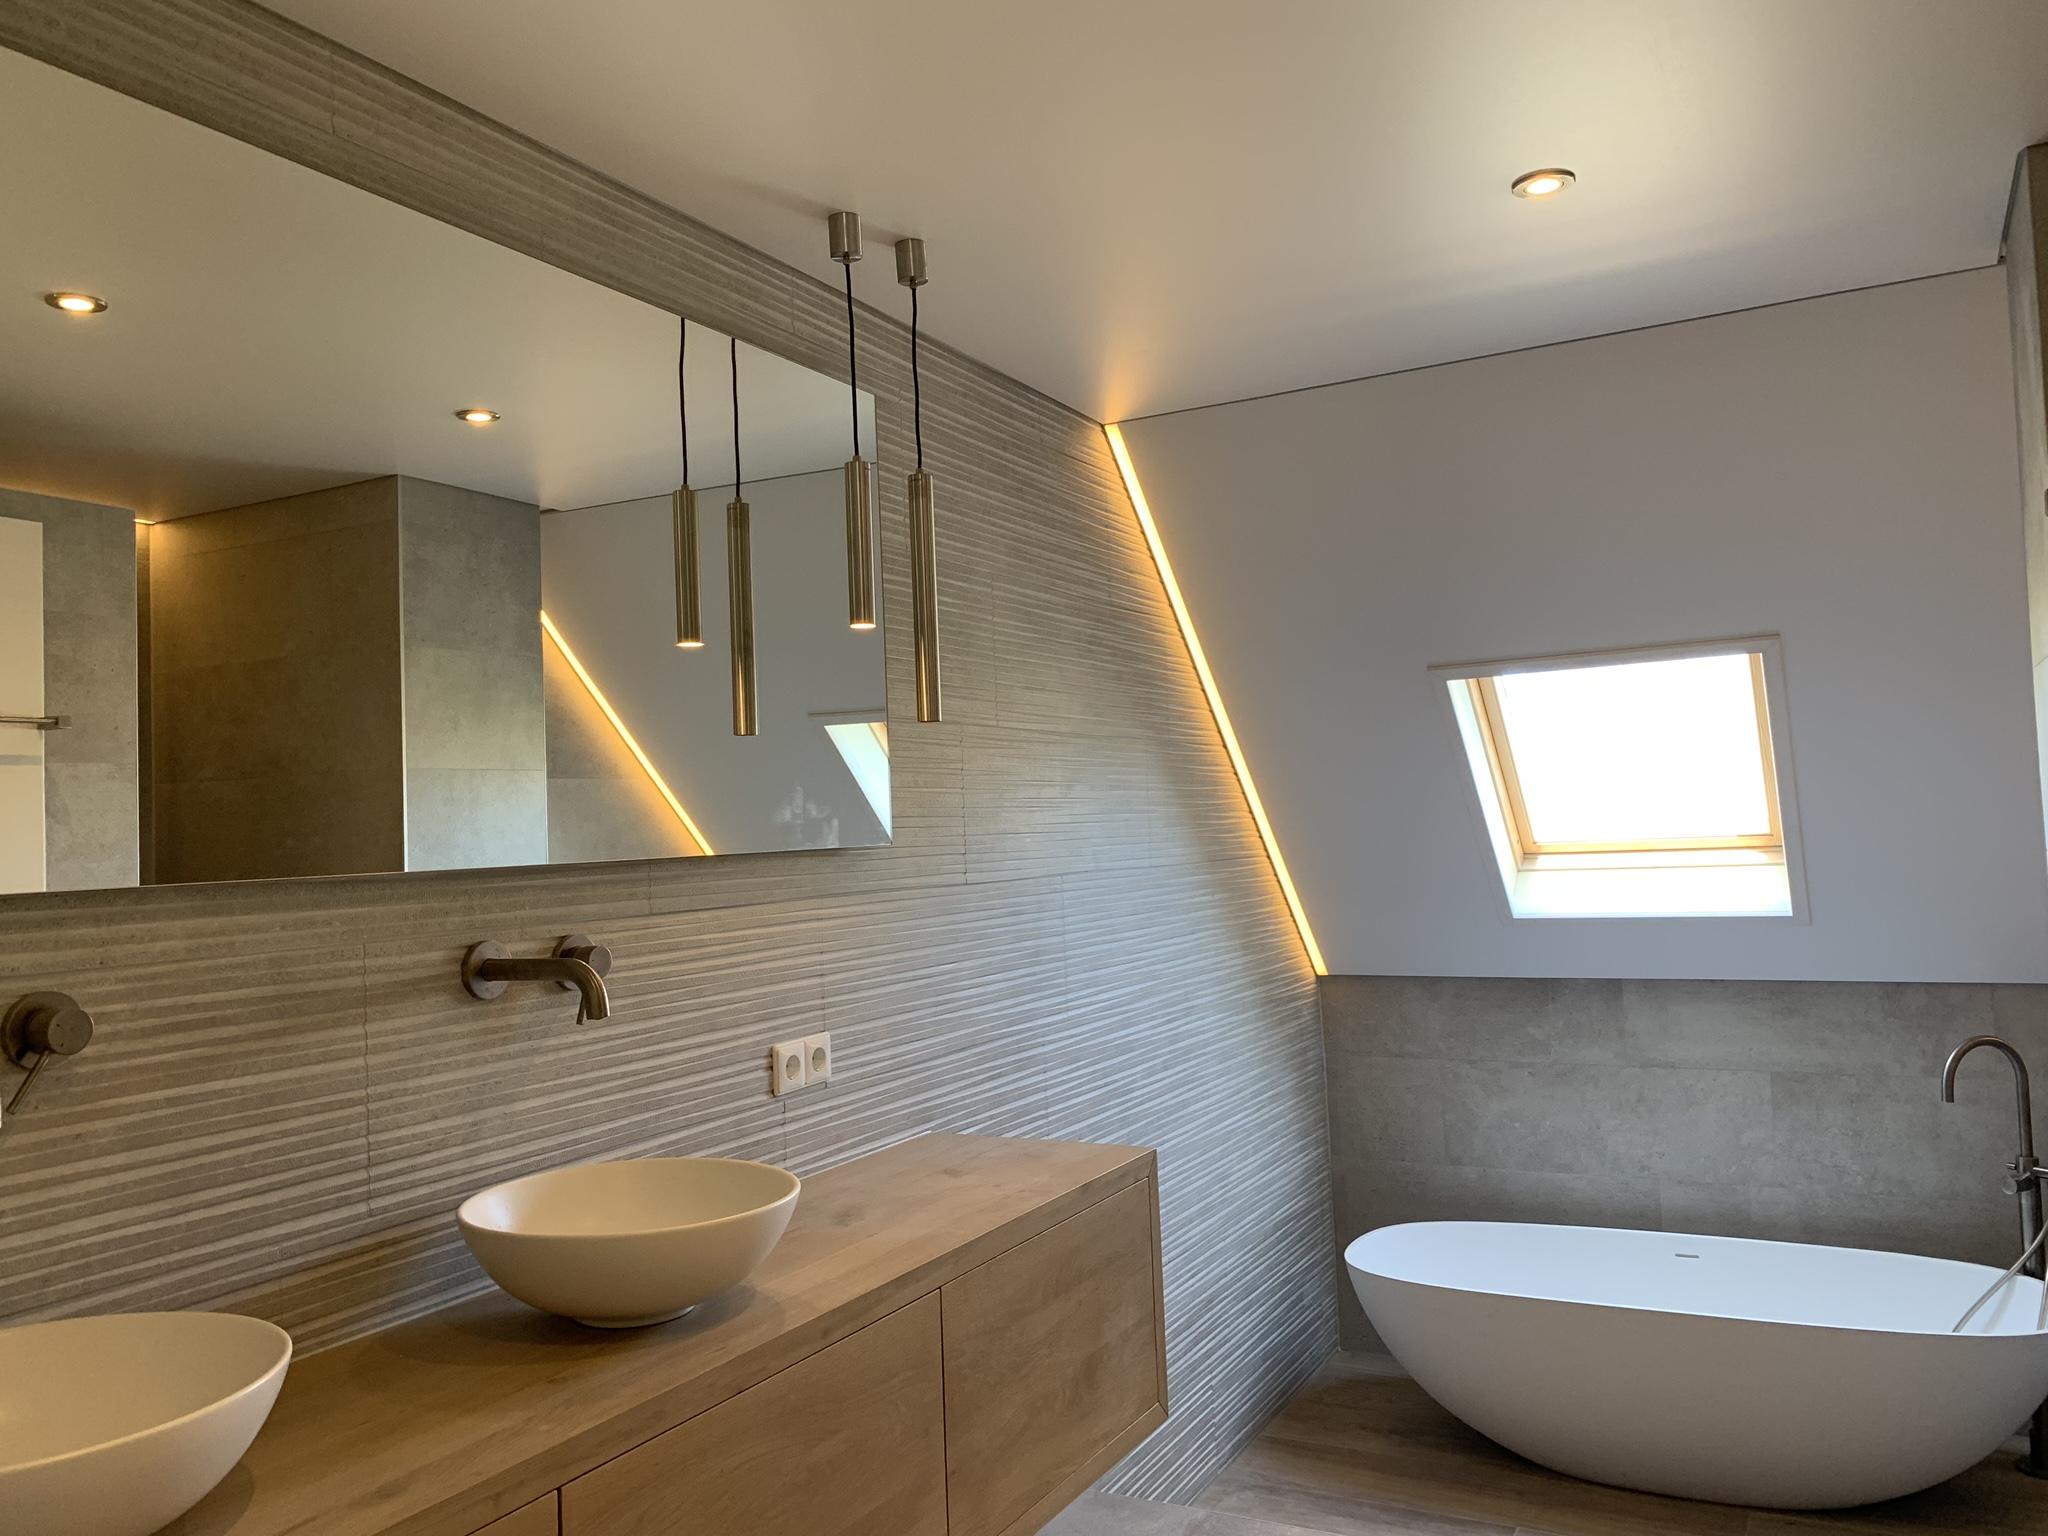 uw badkamer stijlvol maken met luxe spanplafond in mat of hoogglans